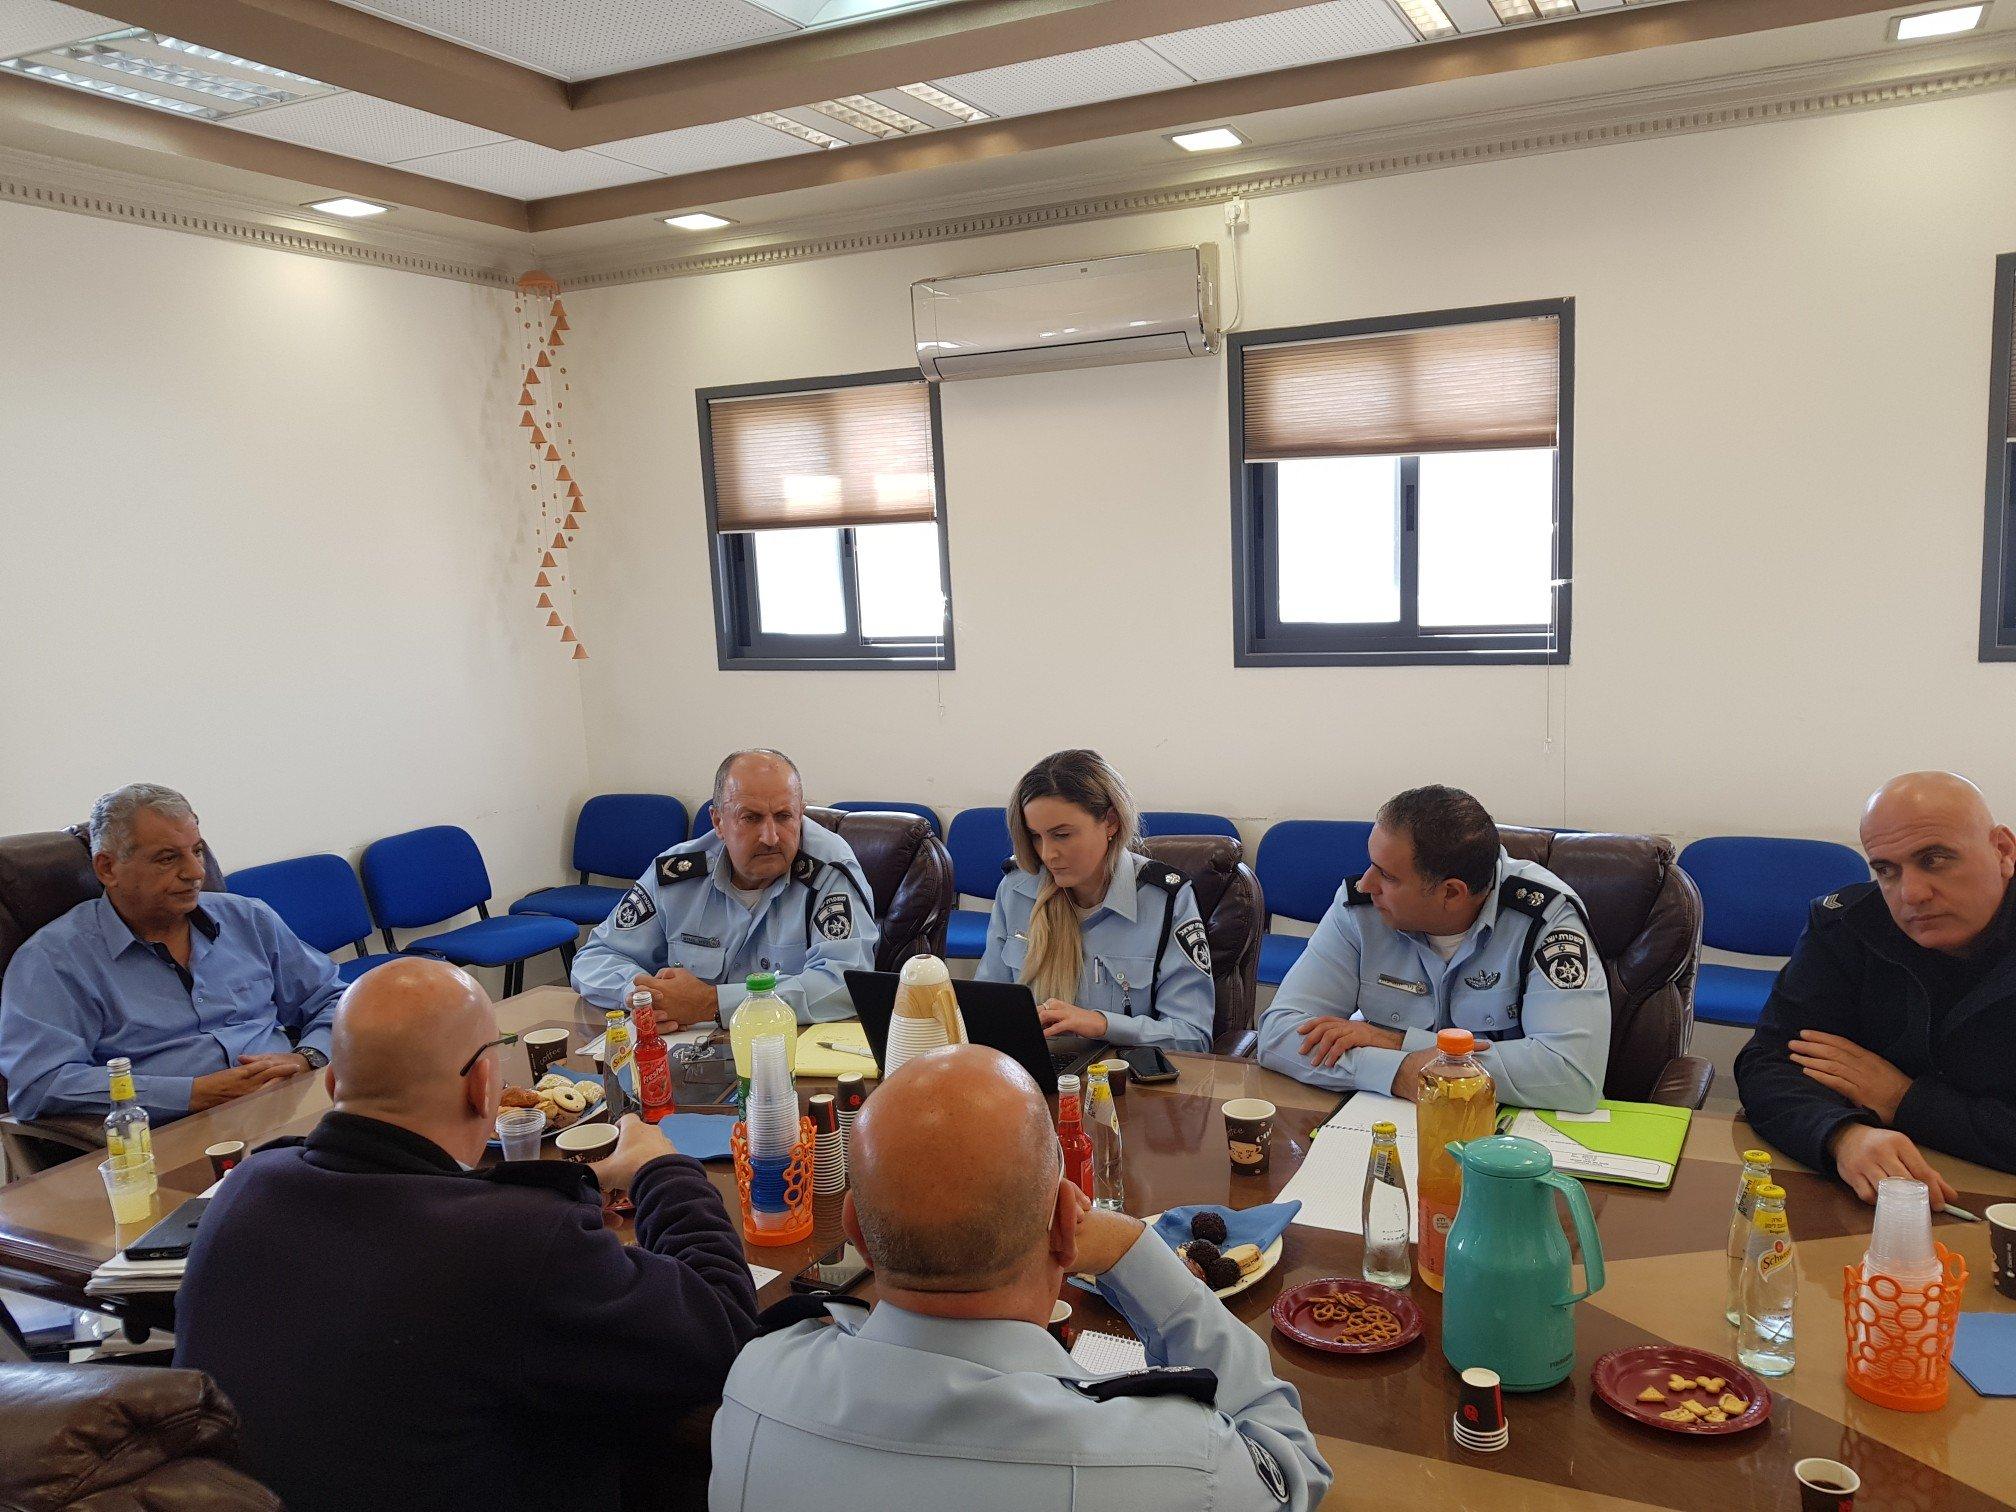 جلسة عمل بين مجلس طلعة عارة والشرطة لتعزيز سبل مكافحة العنف وفوضى السلاح